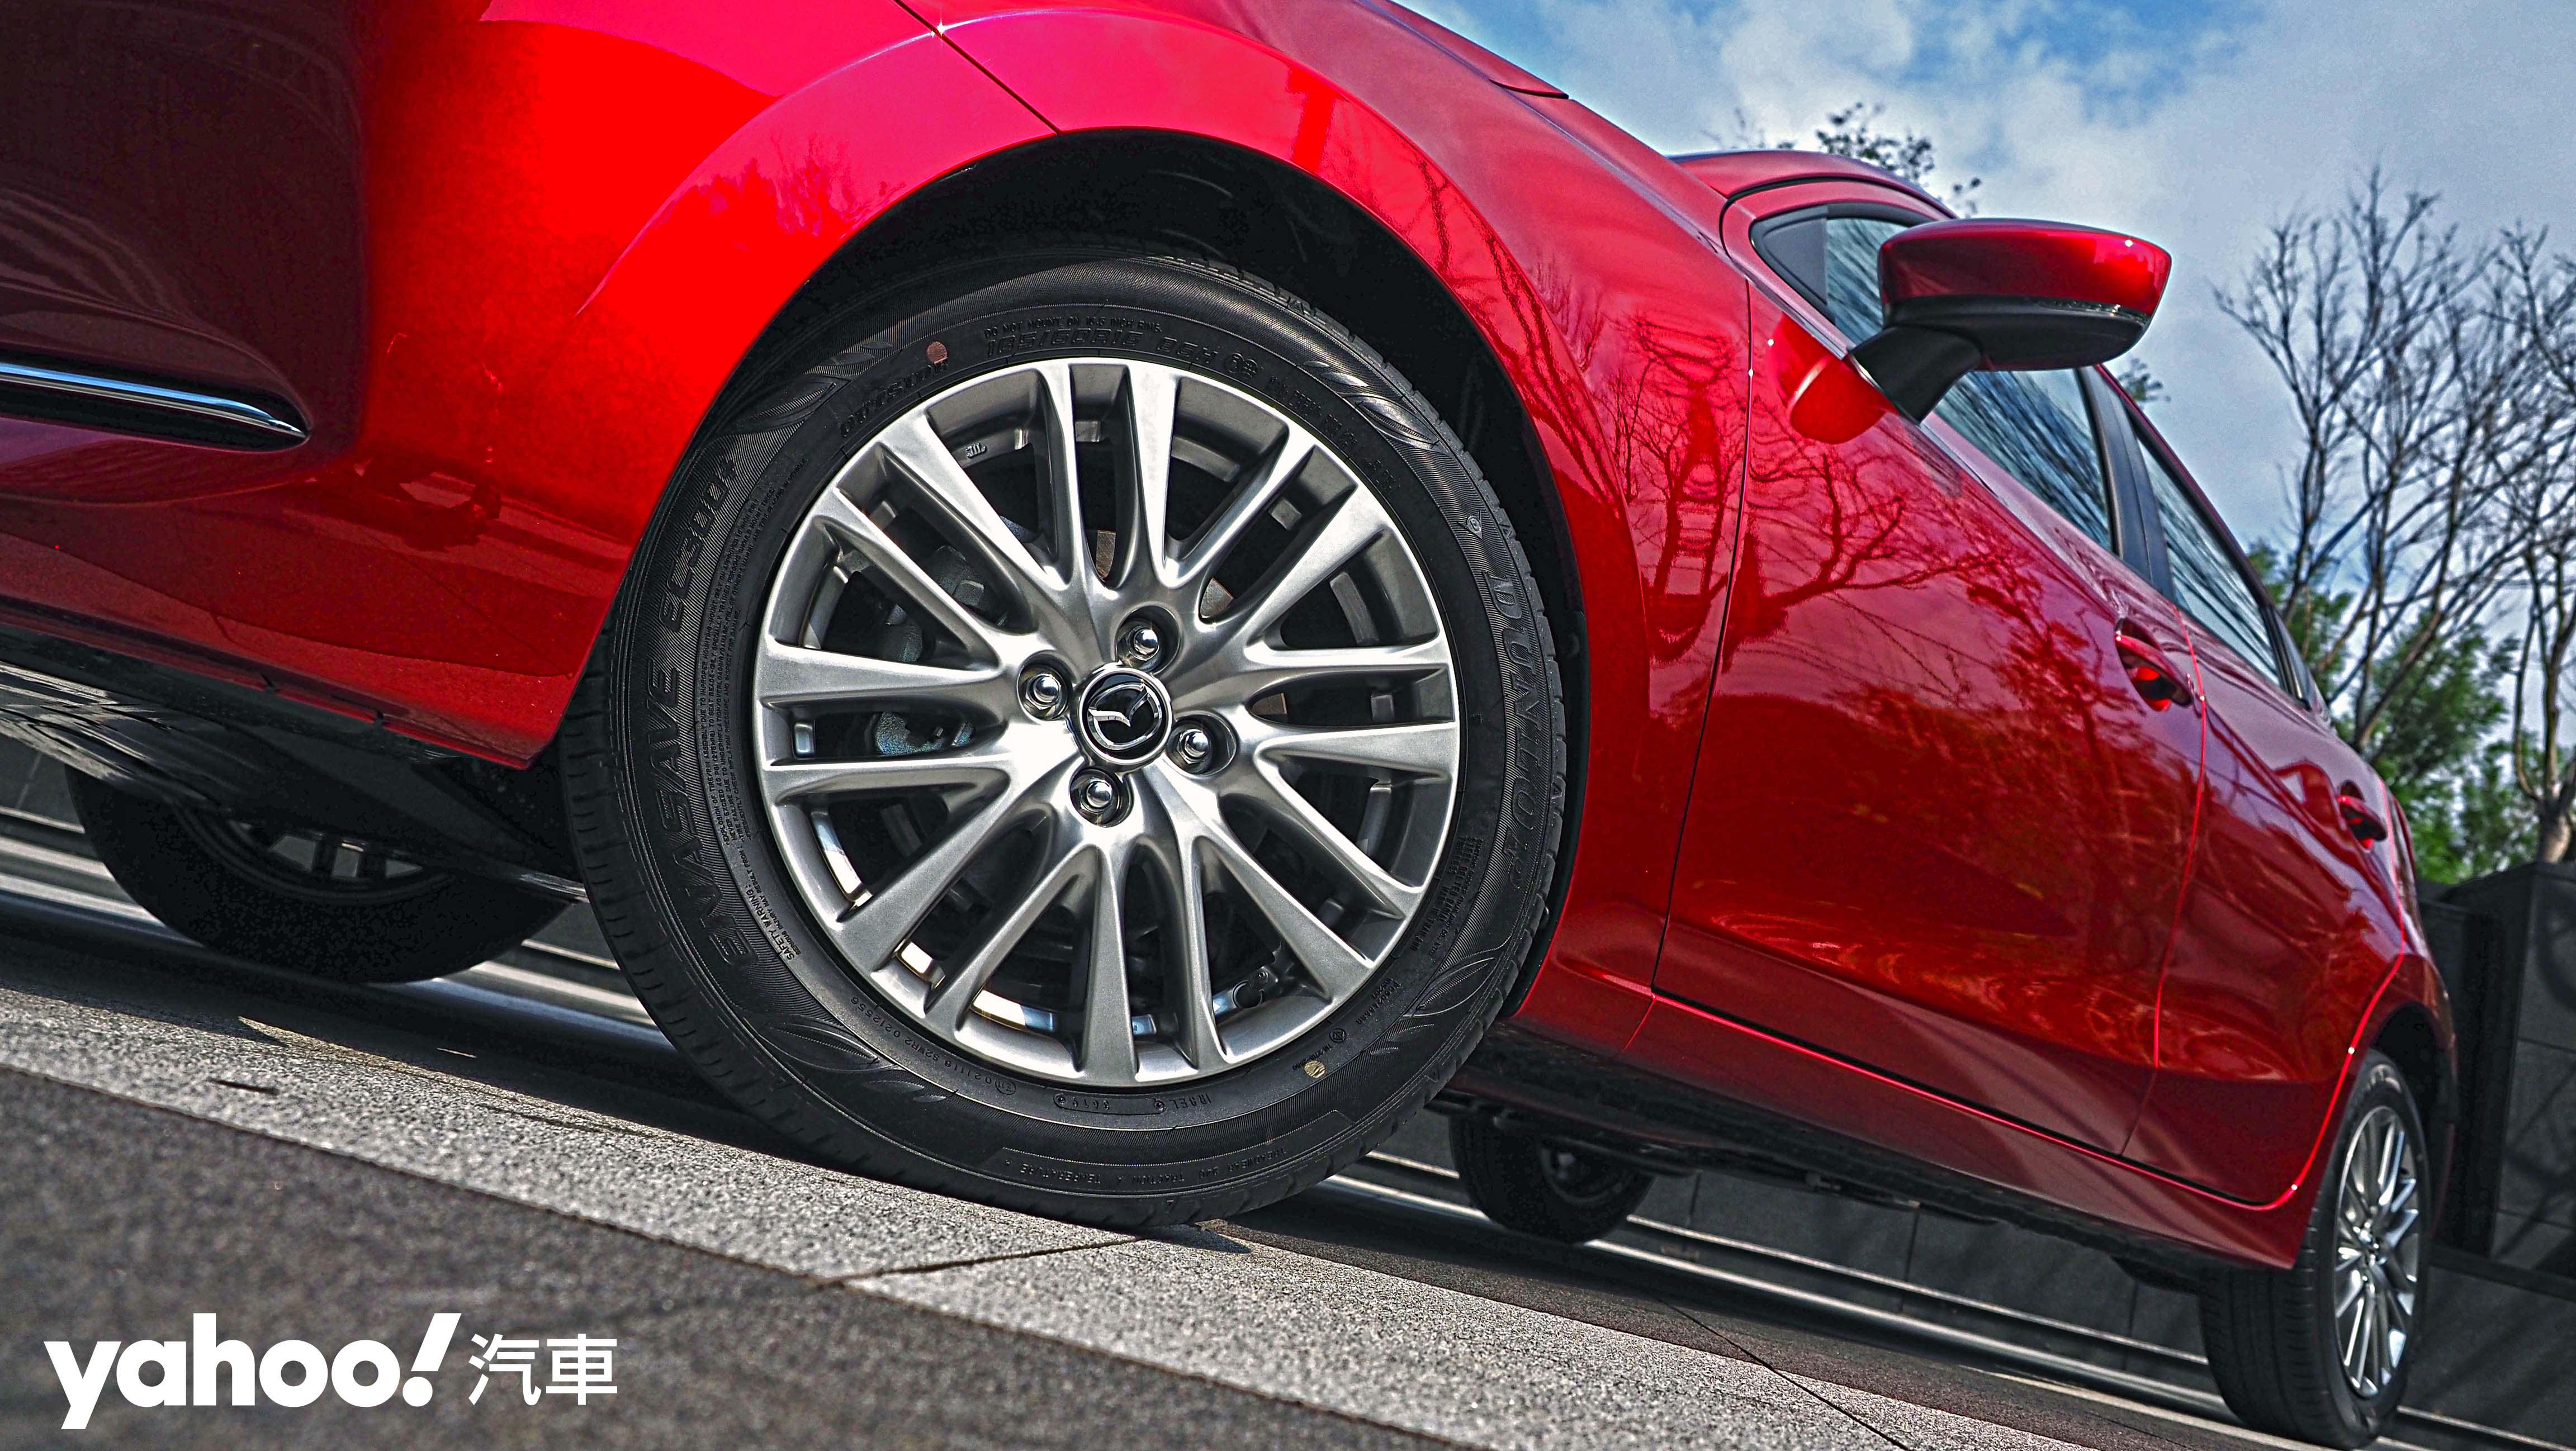 值得跪求微鋼砲規格!2020 Mazda 2小改款旗艦安全型城郊試駕 - 5